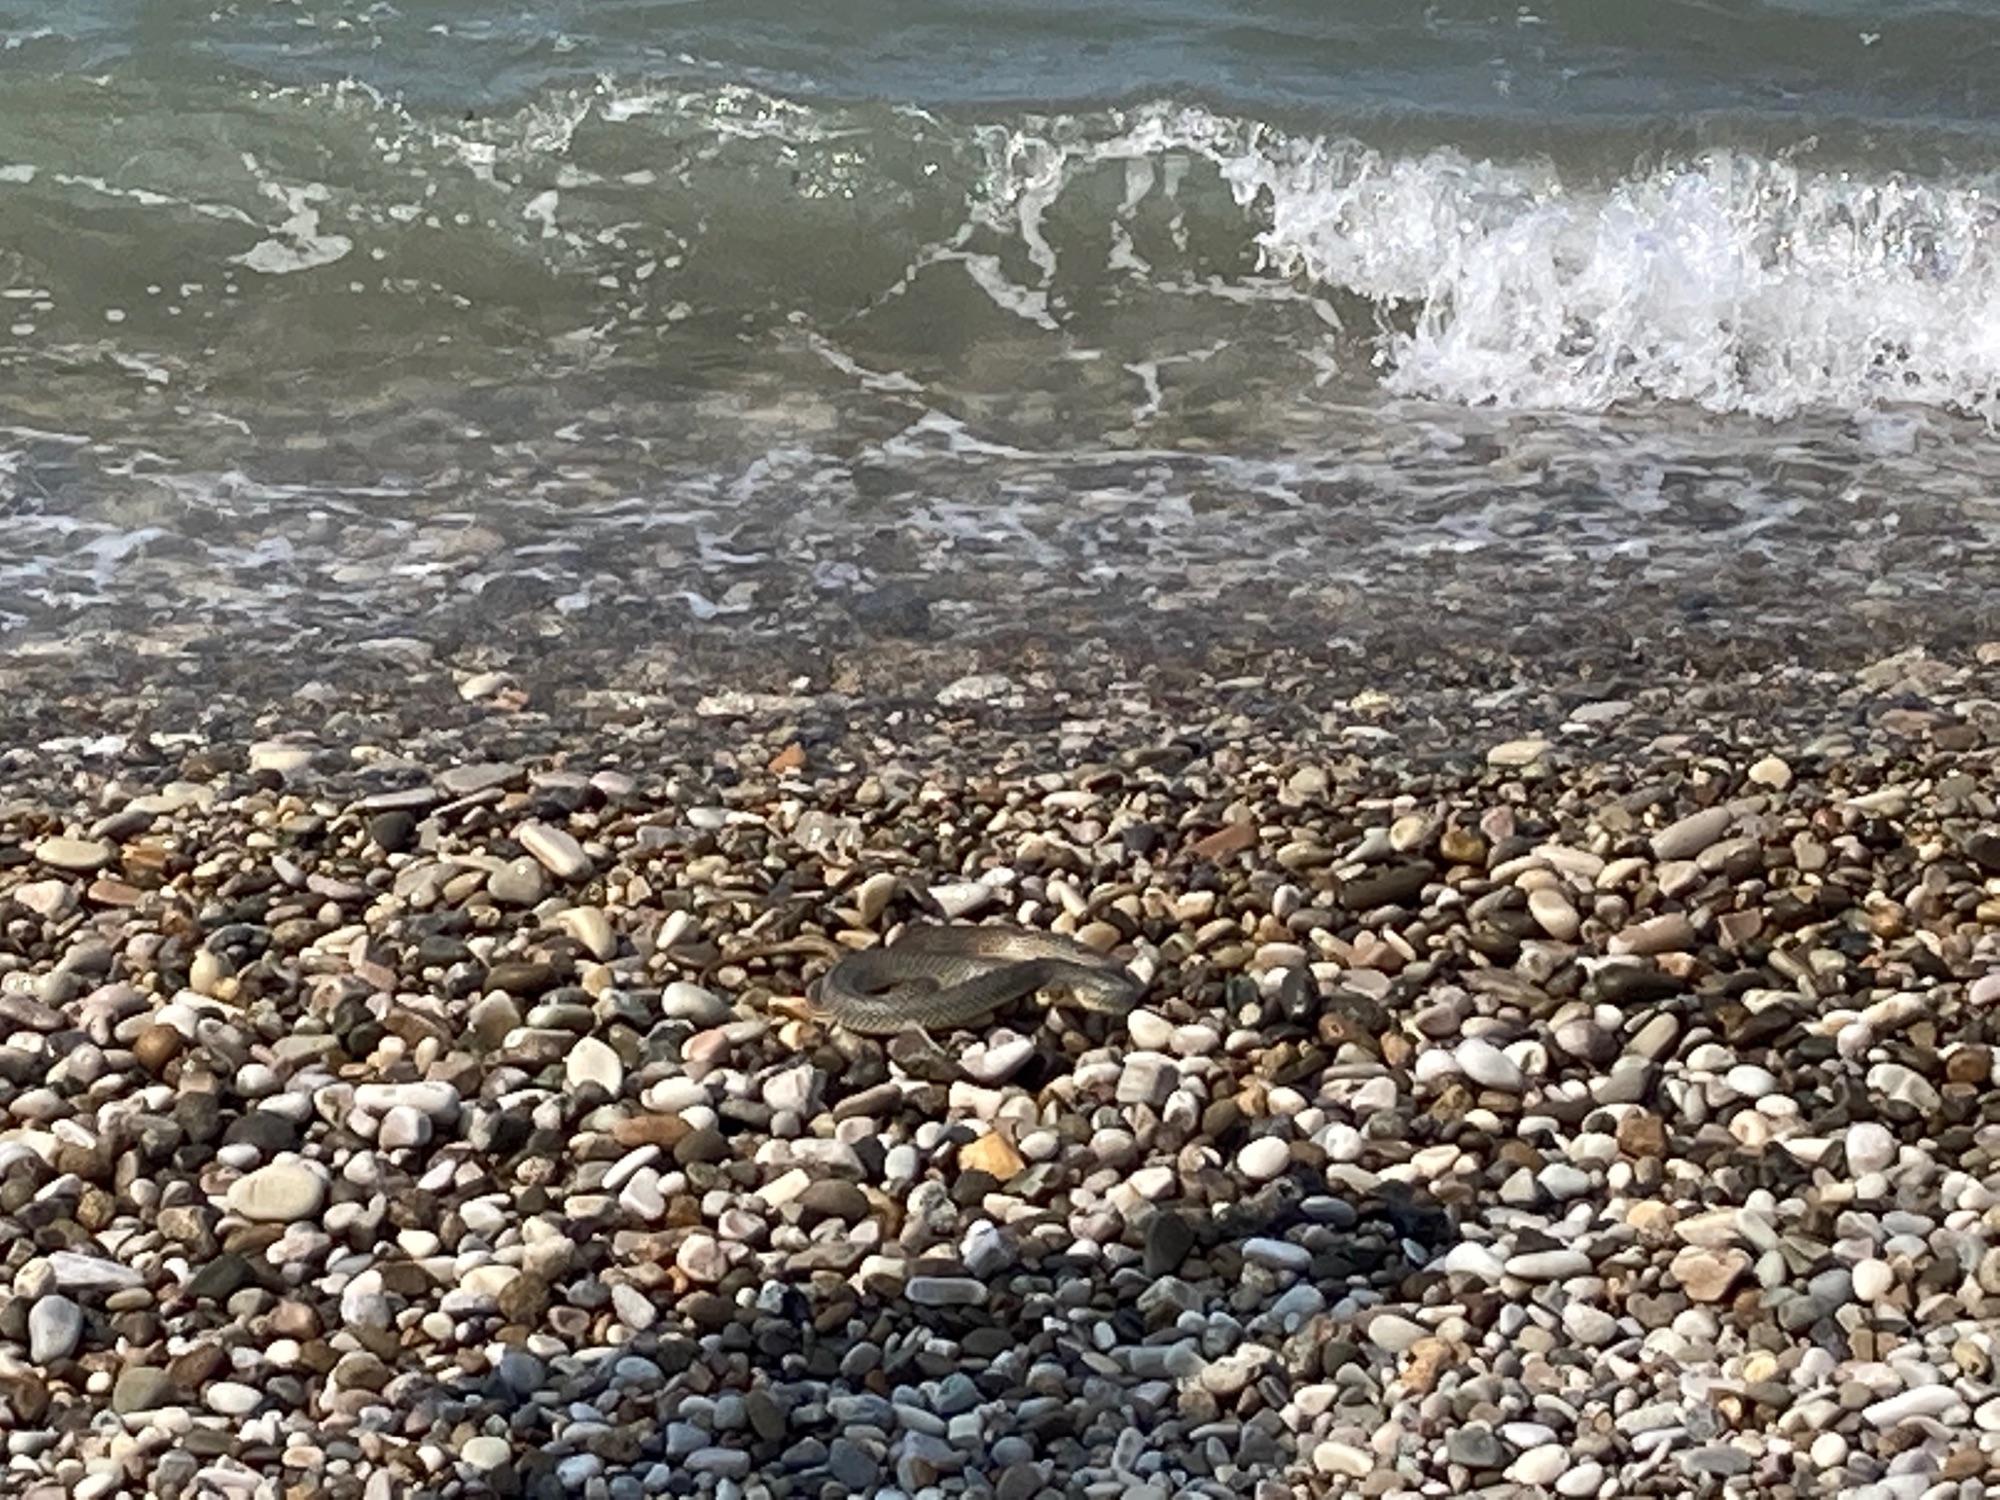 Что за змея?Не меньше метра в длину, уплыла с испугу в море. В воде бросилась на купающегося мужчину, который ее не видел, он на неё, все кончилось хорошо.Туапсе, городской пляж, 14.07.2021